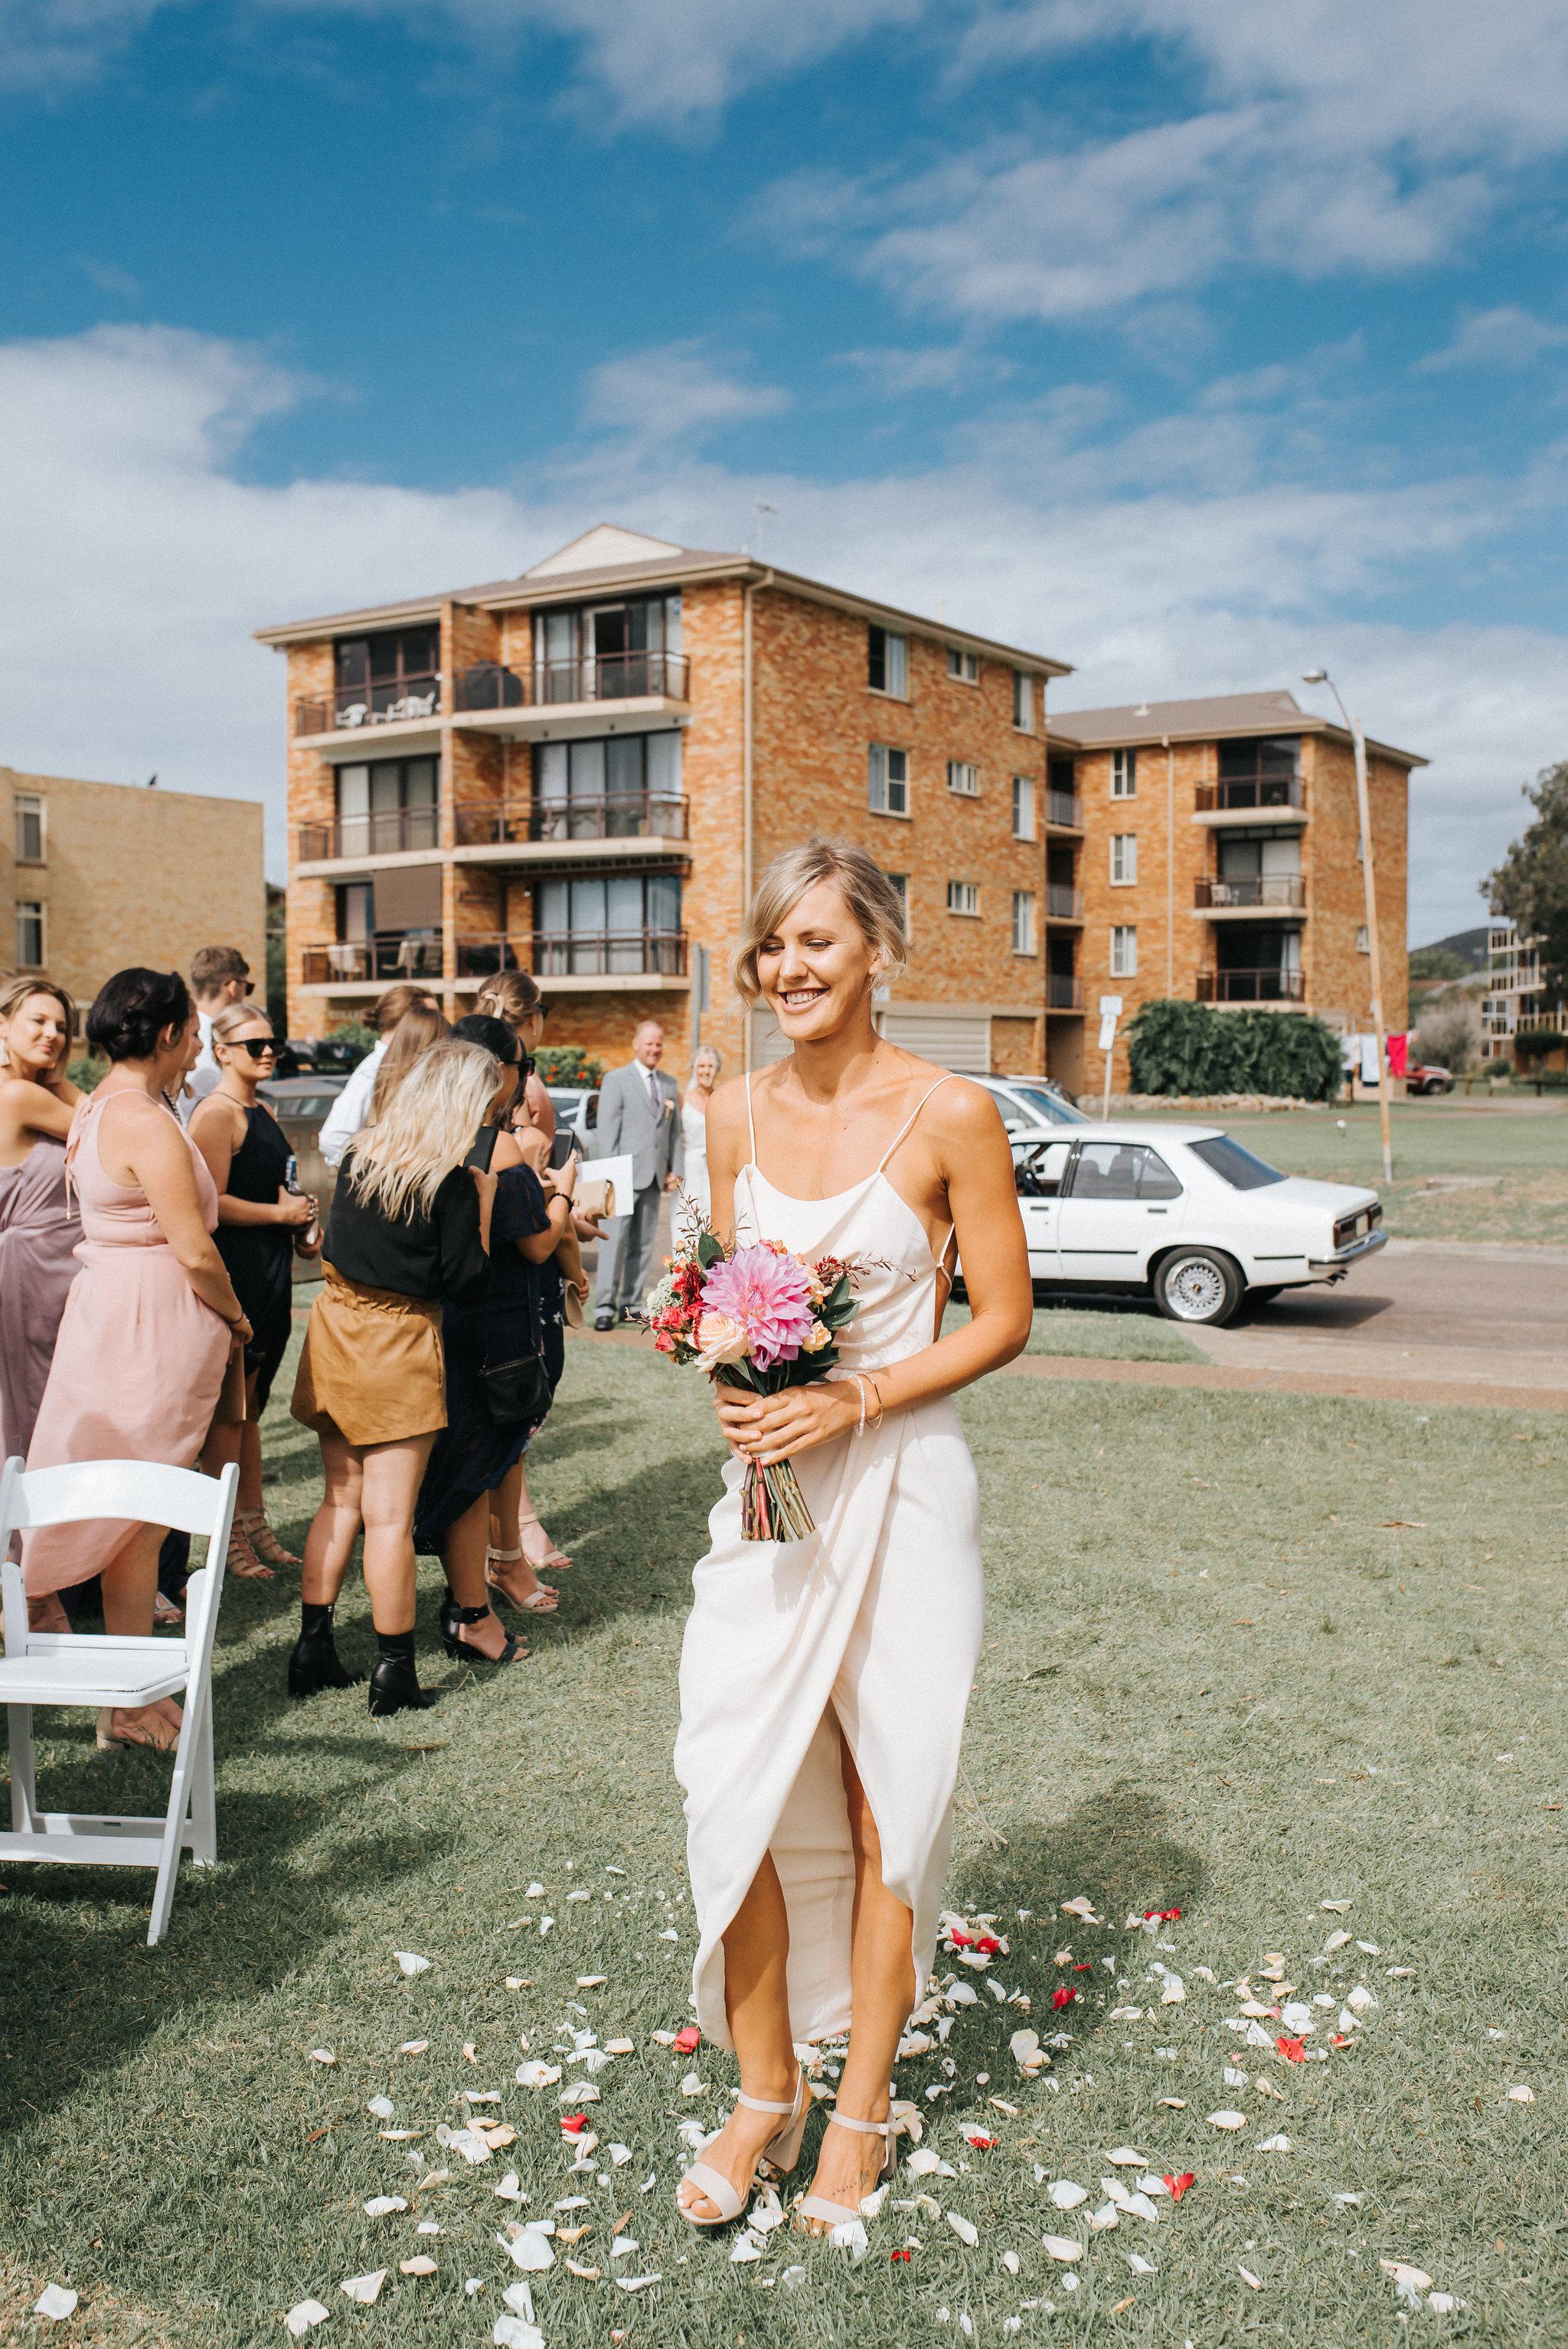 LITTLE-BEACH-WEDDING-MARCHANT-364.jpg